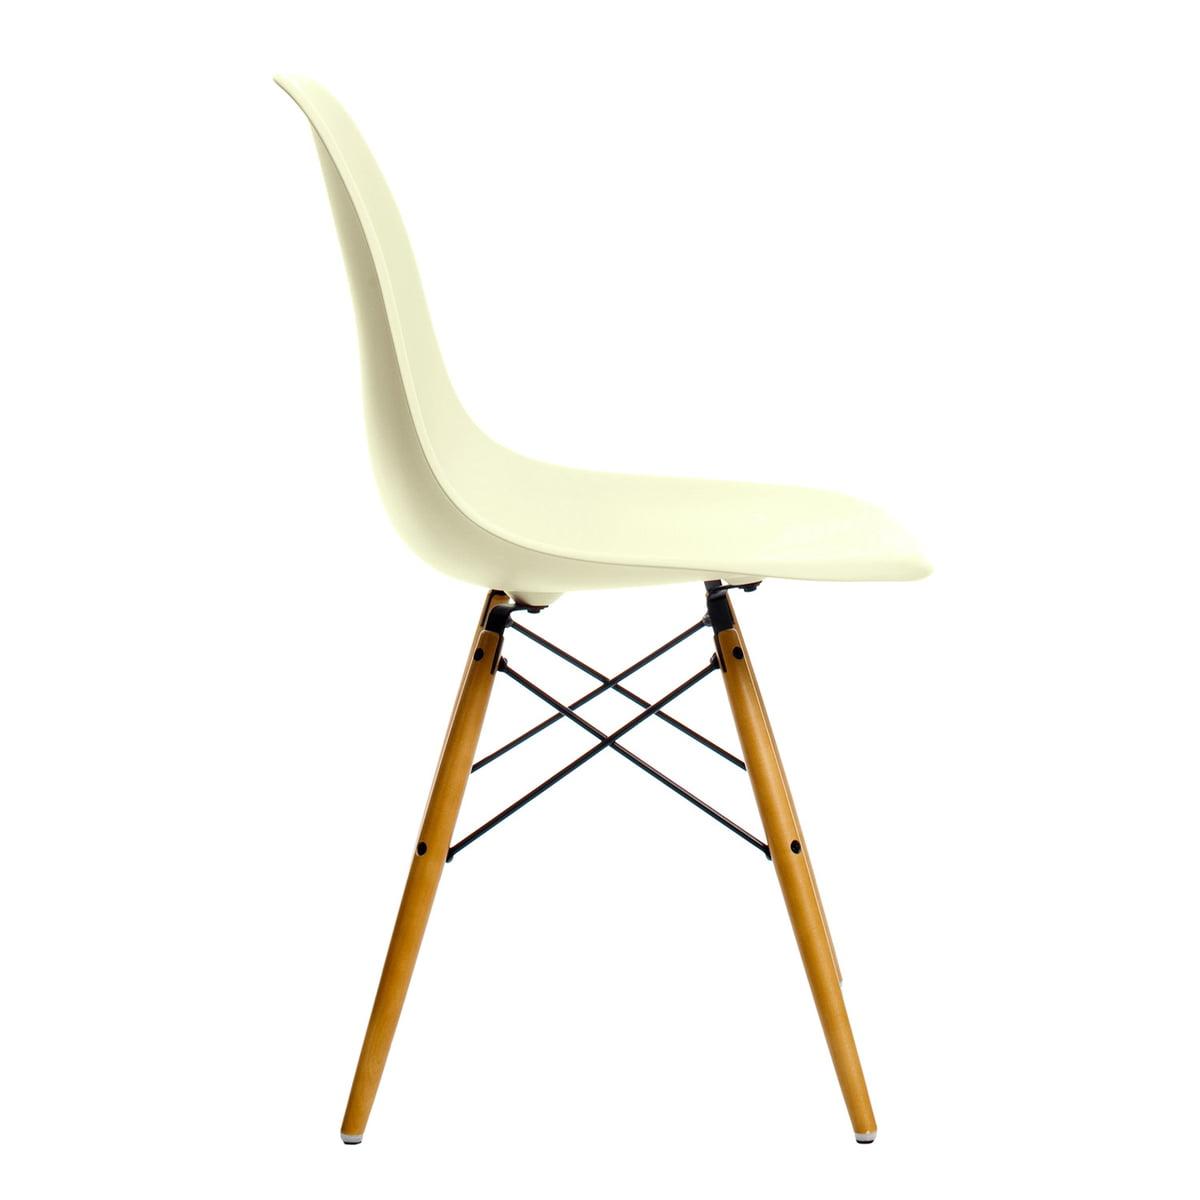 Vitra - Eames Plastic Side Chair DSW, Ahorn gelblich / créme (Kunststoffgleiter weiß)   Küche und Esszimmer > Stühle und Hocker   Vitra